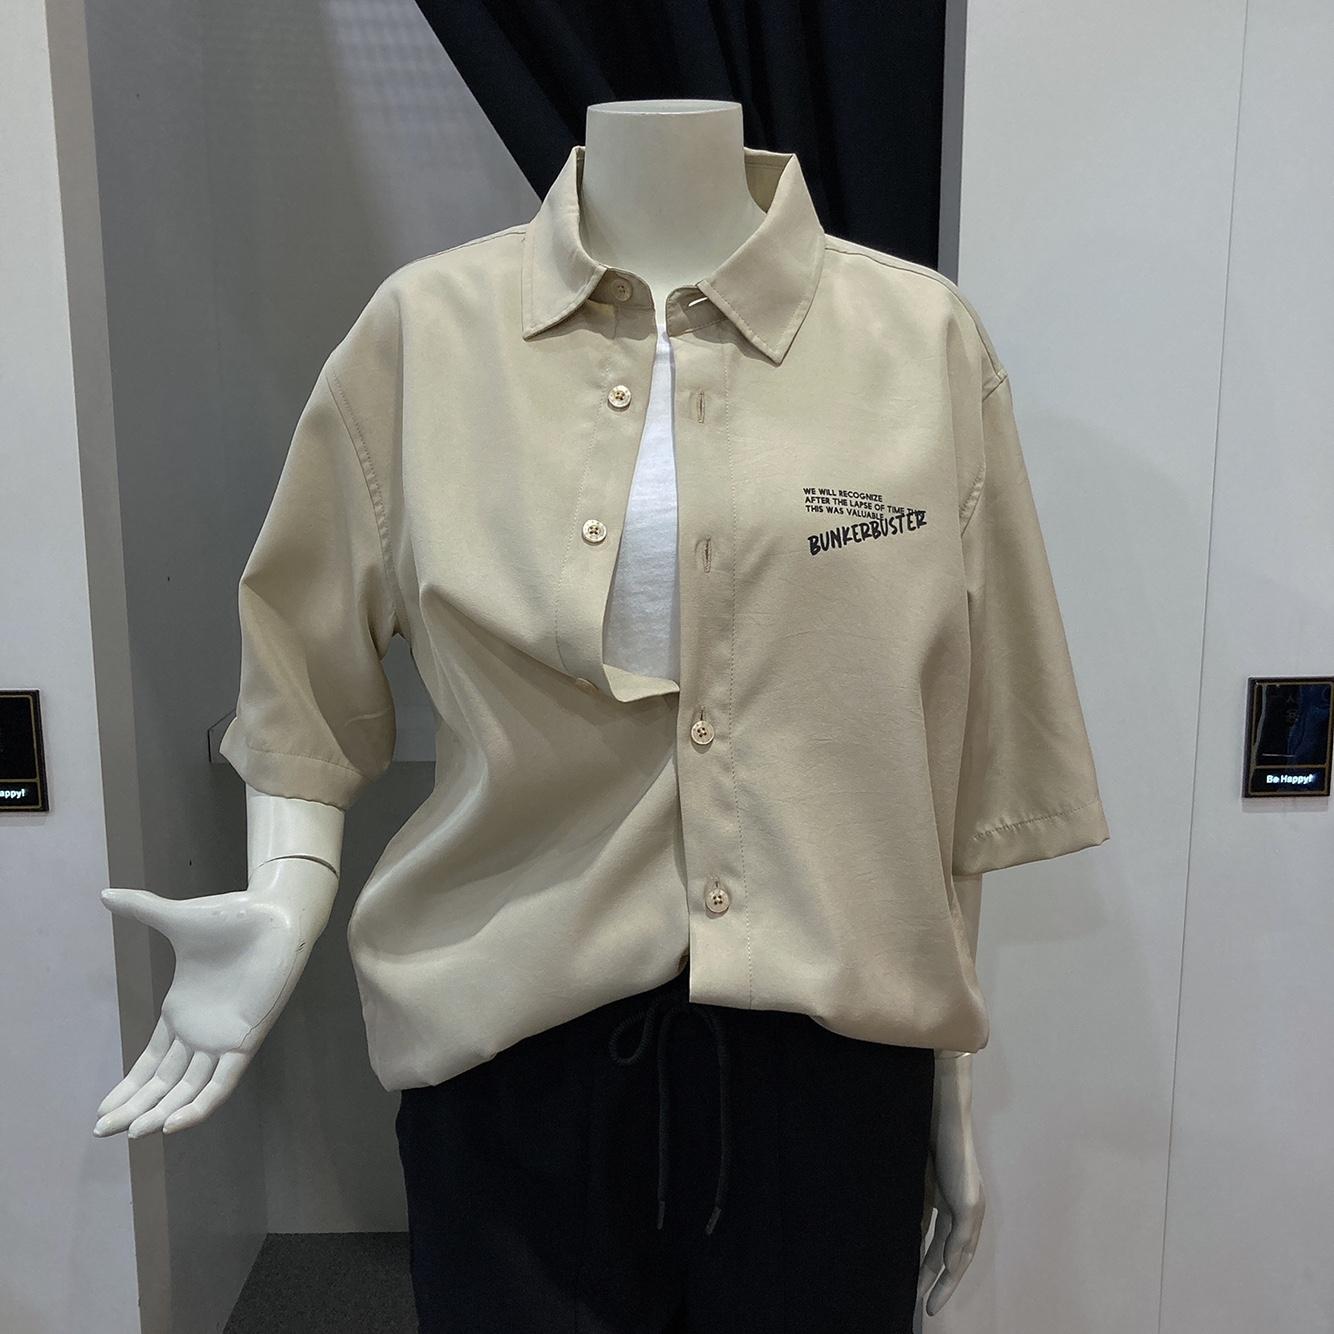 엠할리데이 공용  등판 빅워딩 반팔 셔츠(ml2-yu350)